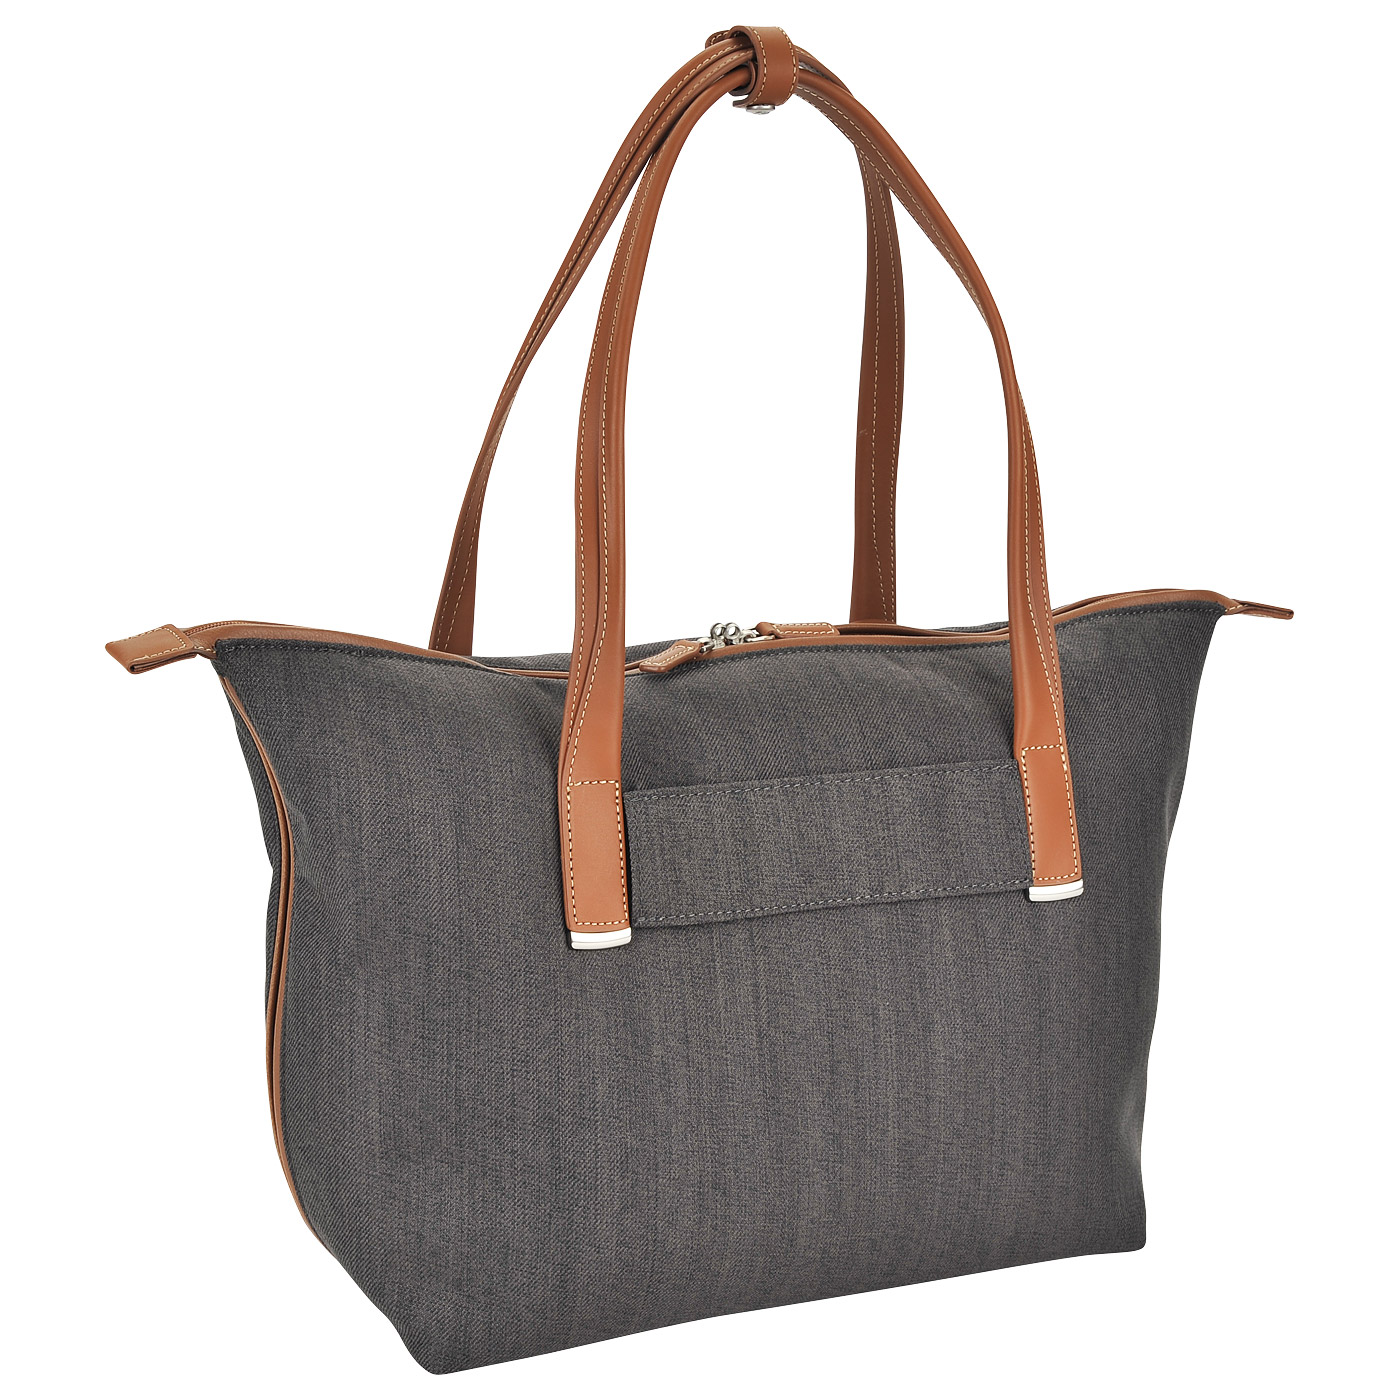 Дорожные сумки известных домов рюкзаки мужские купить в москве